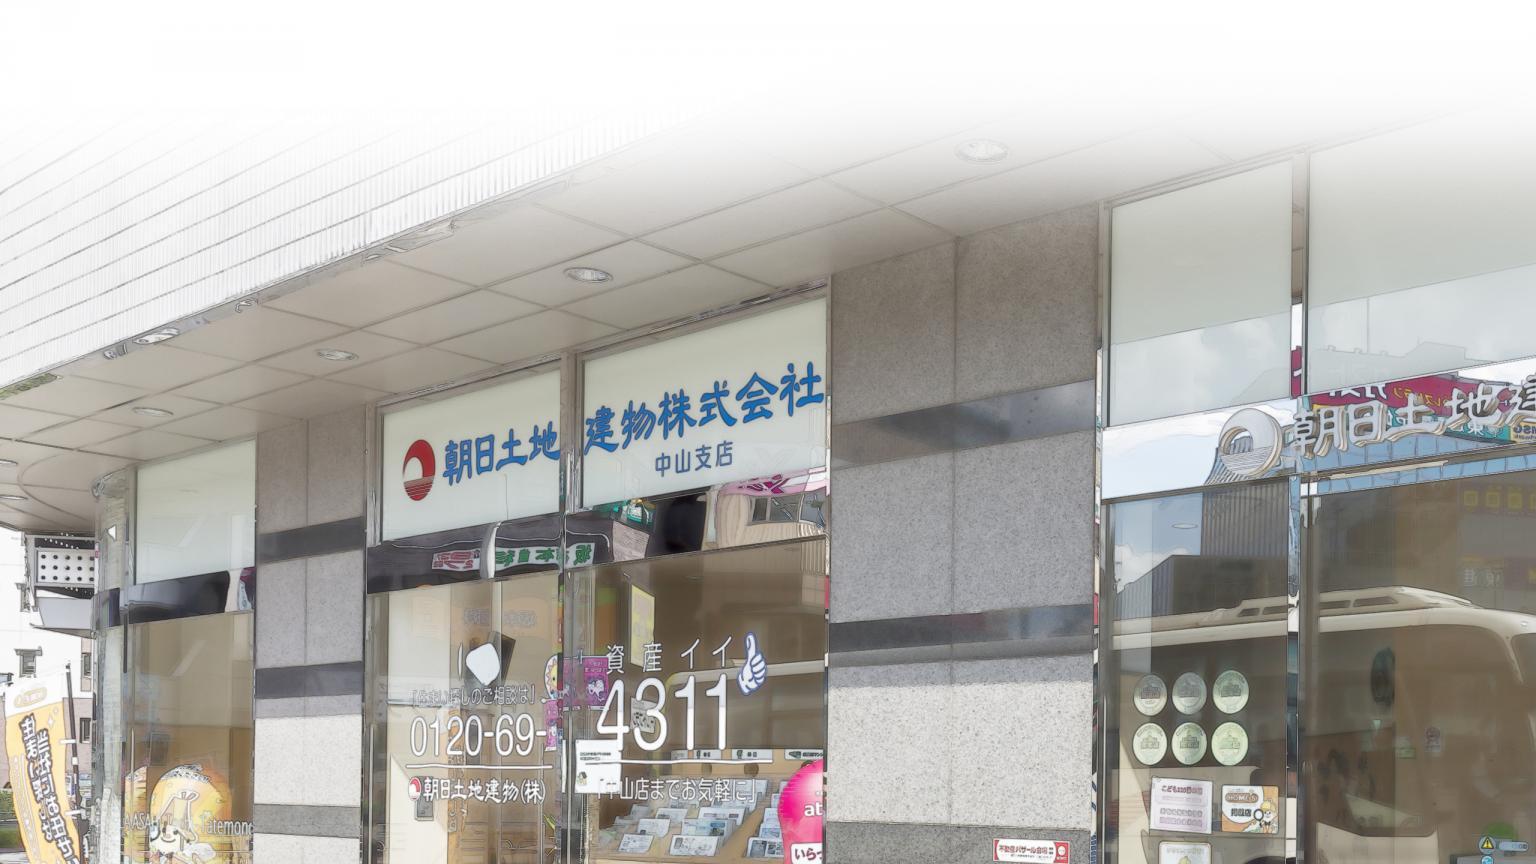 朝日土地建物株式会社 中山店